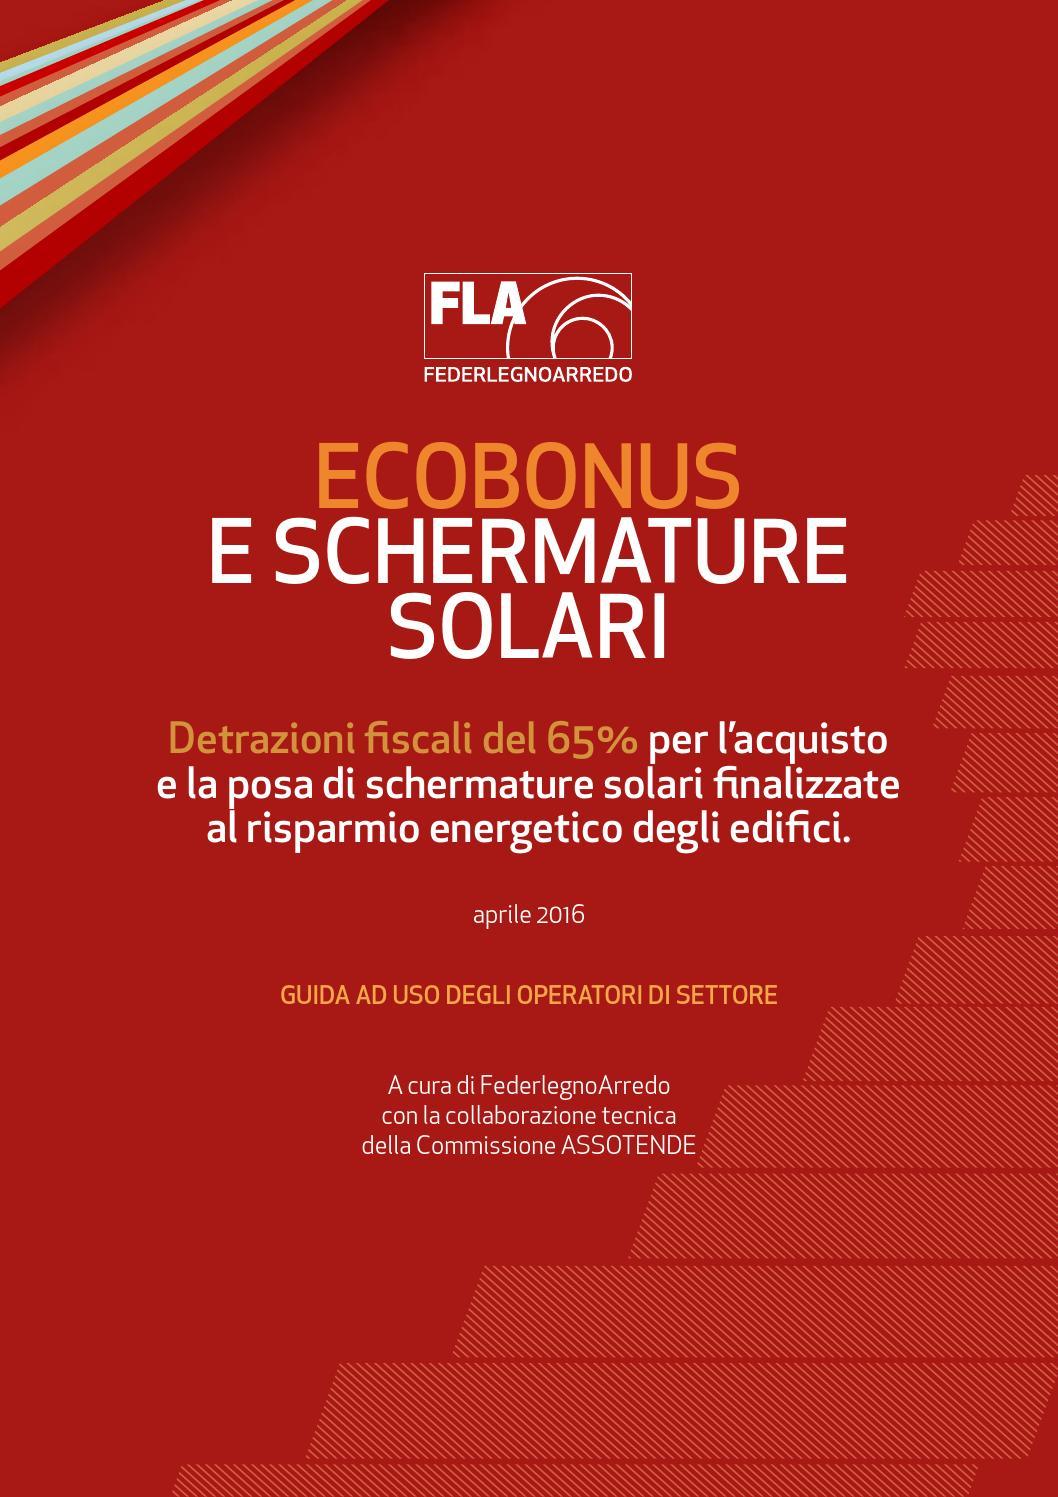 Schermature solari la guida a ecobonus e detrazioni 2016 for Agenzia delle entrate risparmio energetico